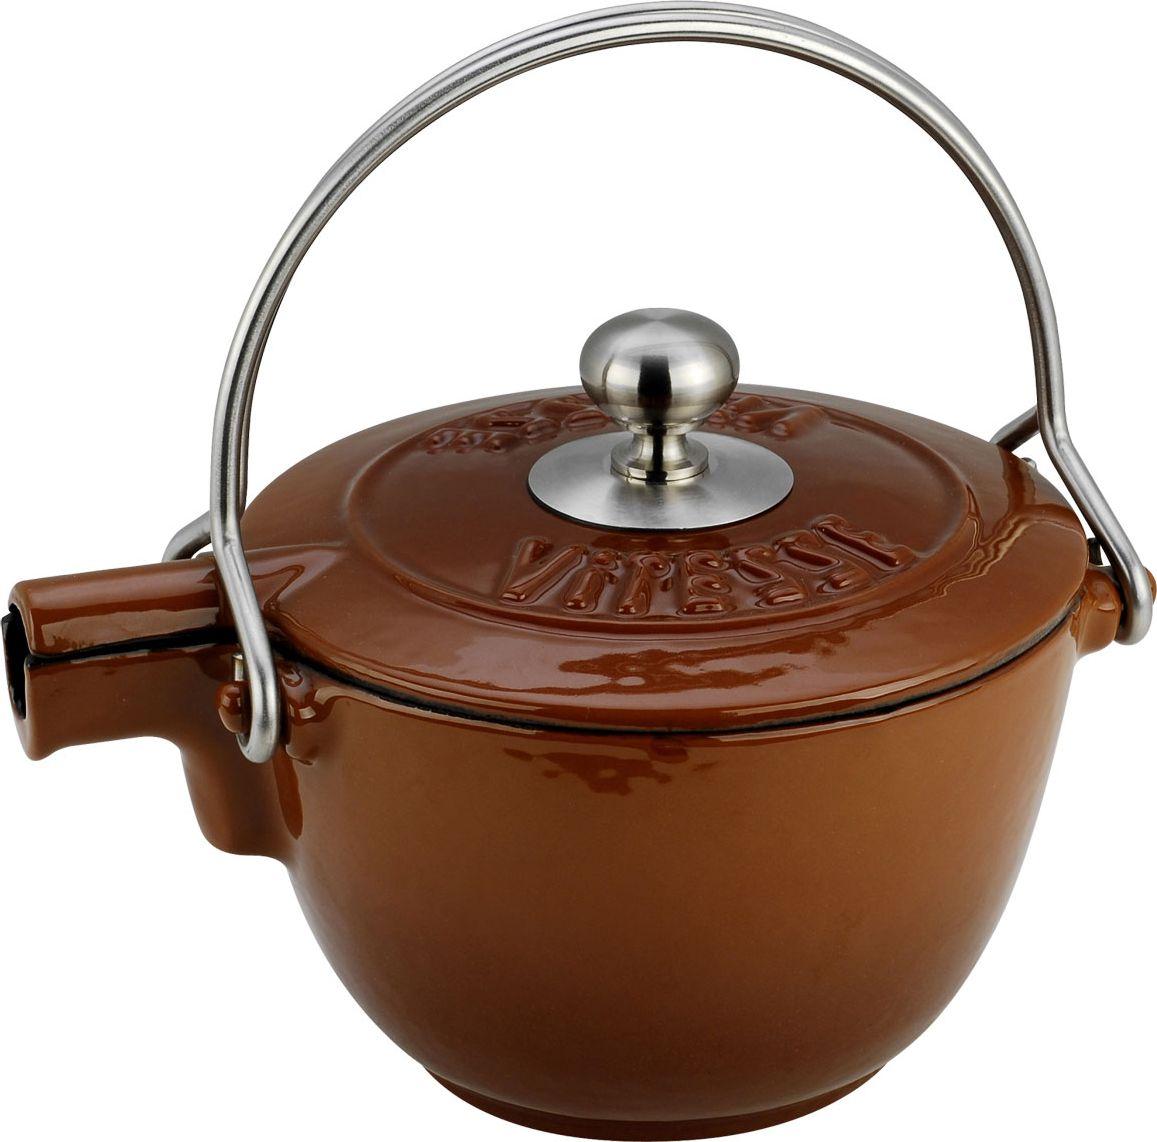 Чайник заварочный Vitesse Ferro, с ситечком, цвет: коричневый, 1,15 лVS-2329-brownЗаварочный чайник Vitesse Ferro изготовлен из чугуна с эмалированной внутренней и внешней поверхностью. Эмалированный чугун - это железо, на которое наложено прочное стекловидное эмалевое покрытие. Такая посуда отлично подходит для приготовления традиционной здоровой пищи. Чугун является наилучшим материалом, который долго удерживает и равномерно распределяет тепло. Благодаря особым качествам эмали, чем дольше вы используете посуду, тем лучше становятся ее эксплуатационные характеристики. Чугун обладает высокой прочностью, износоустойчивостью и антикоррозийными свойствами. Чайник оснащен двумя металлическими ручками и крышкой. Металлическое ситечко на цепочке с крючком - в комплекте. Можно готовить на газовых, электрических, стеклокерамических, галогенных, индукционных плитах. Подходит для мытья в посудомоечной машине.Высота чайника (без учета ручки и крышки): 10,5 см. Диаметр чайника (по верхнему краю): 15,5 см. Диаметр ситечка: 6 см.